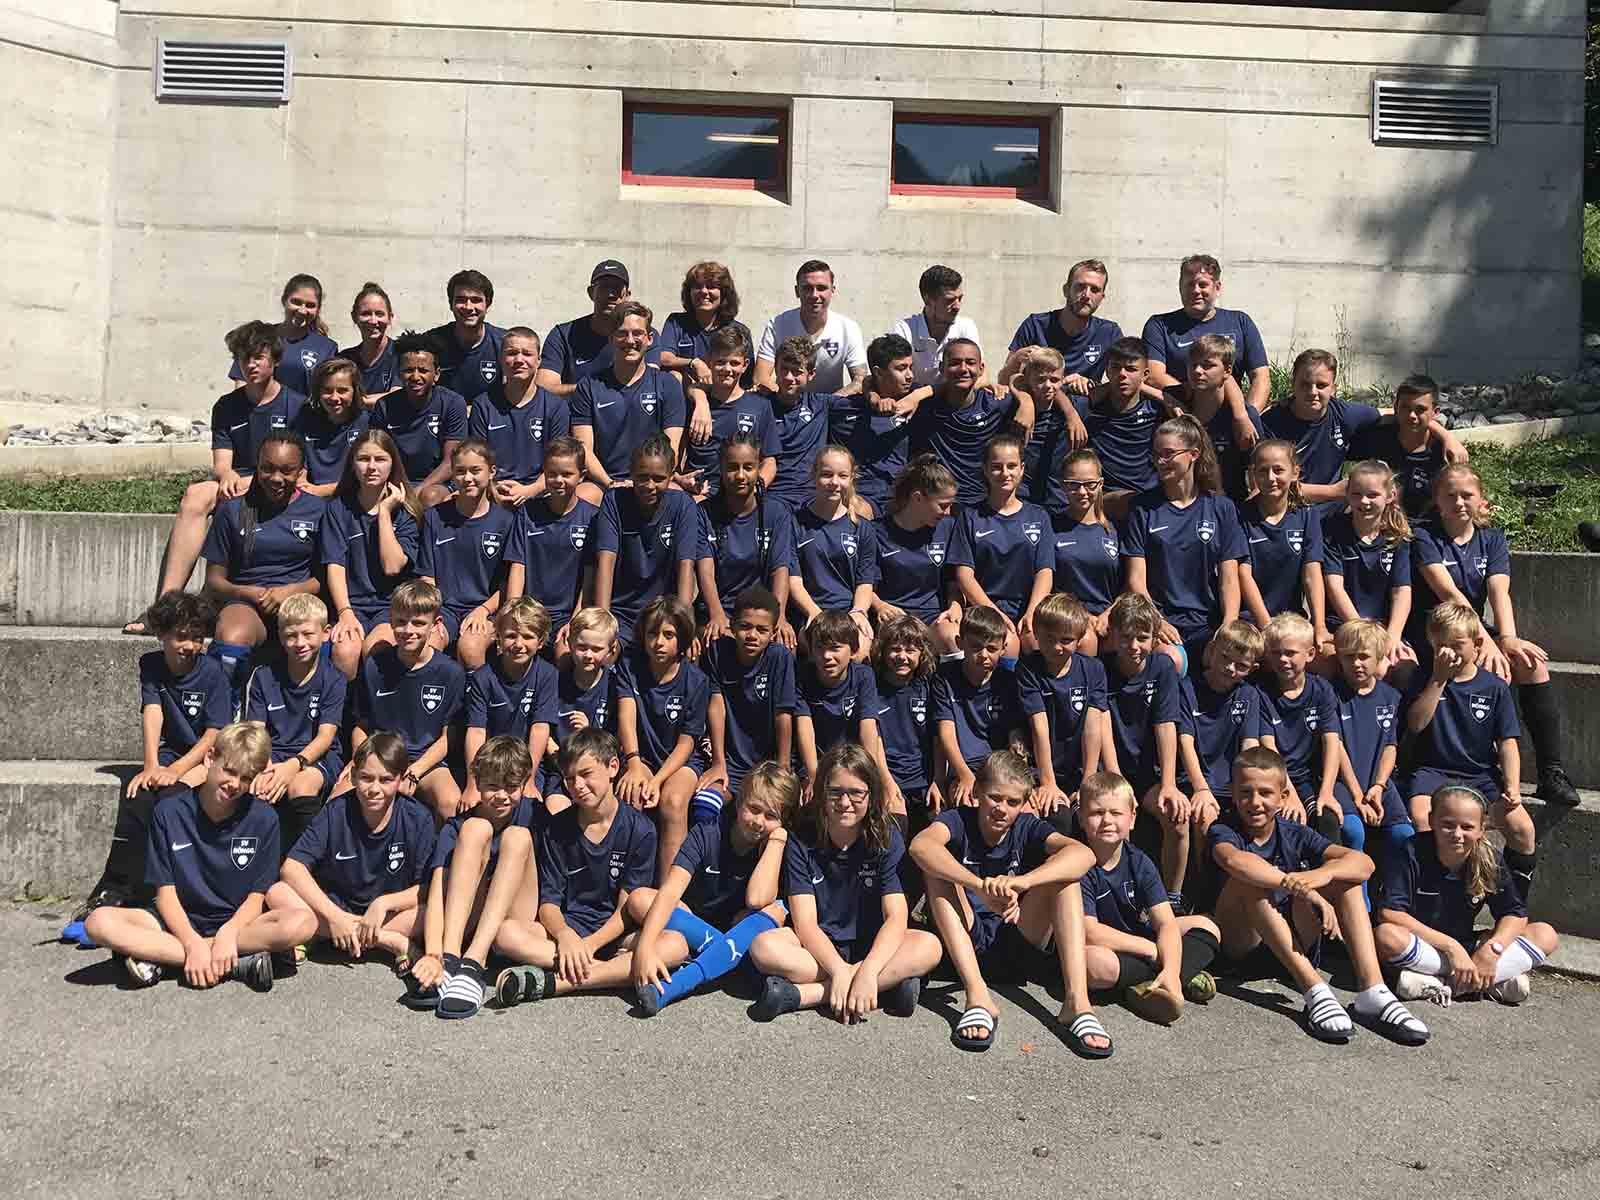 Die Juniorinnen und Junioren des SV Höngg vor ihrem neuen Lagerort in Lenk.